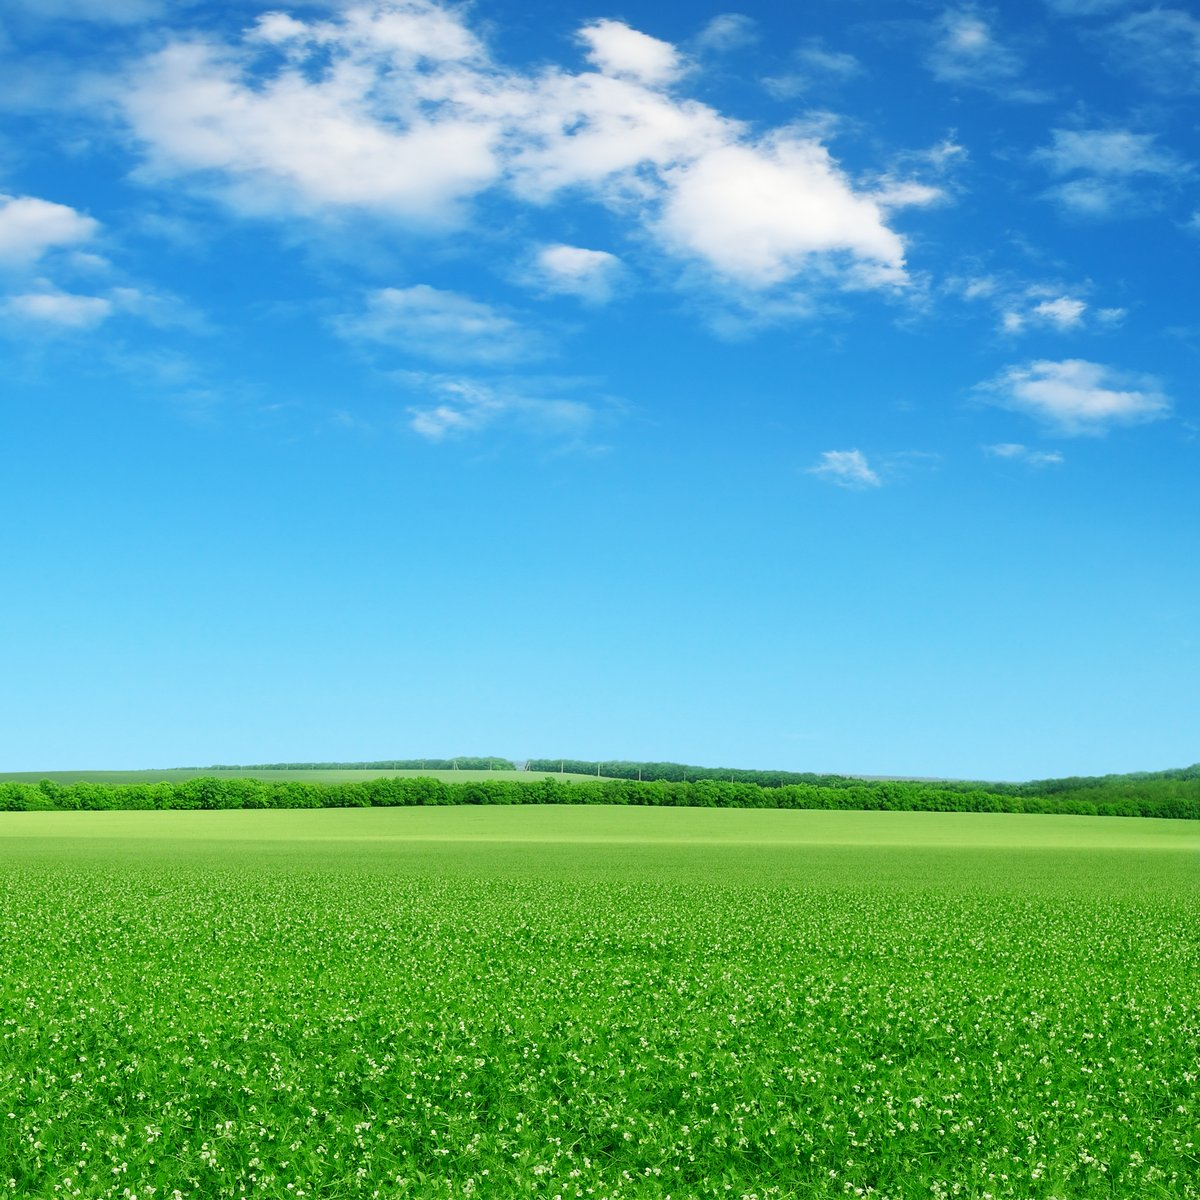 Постер Весна Зеленое поле и голубое небоВесна<br>Постер на холсте или бумаге. Любого нужного вам размера. В раме или без. Подвес в комплекте. Трехслойная надежная упаковка. Доставим в любую точку России. Вам осталось только повесить картину на стену!<br>